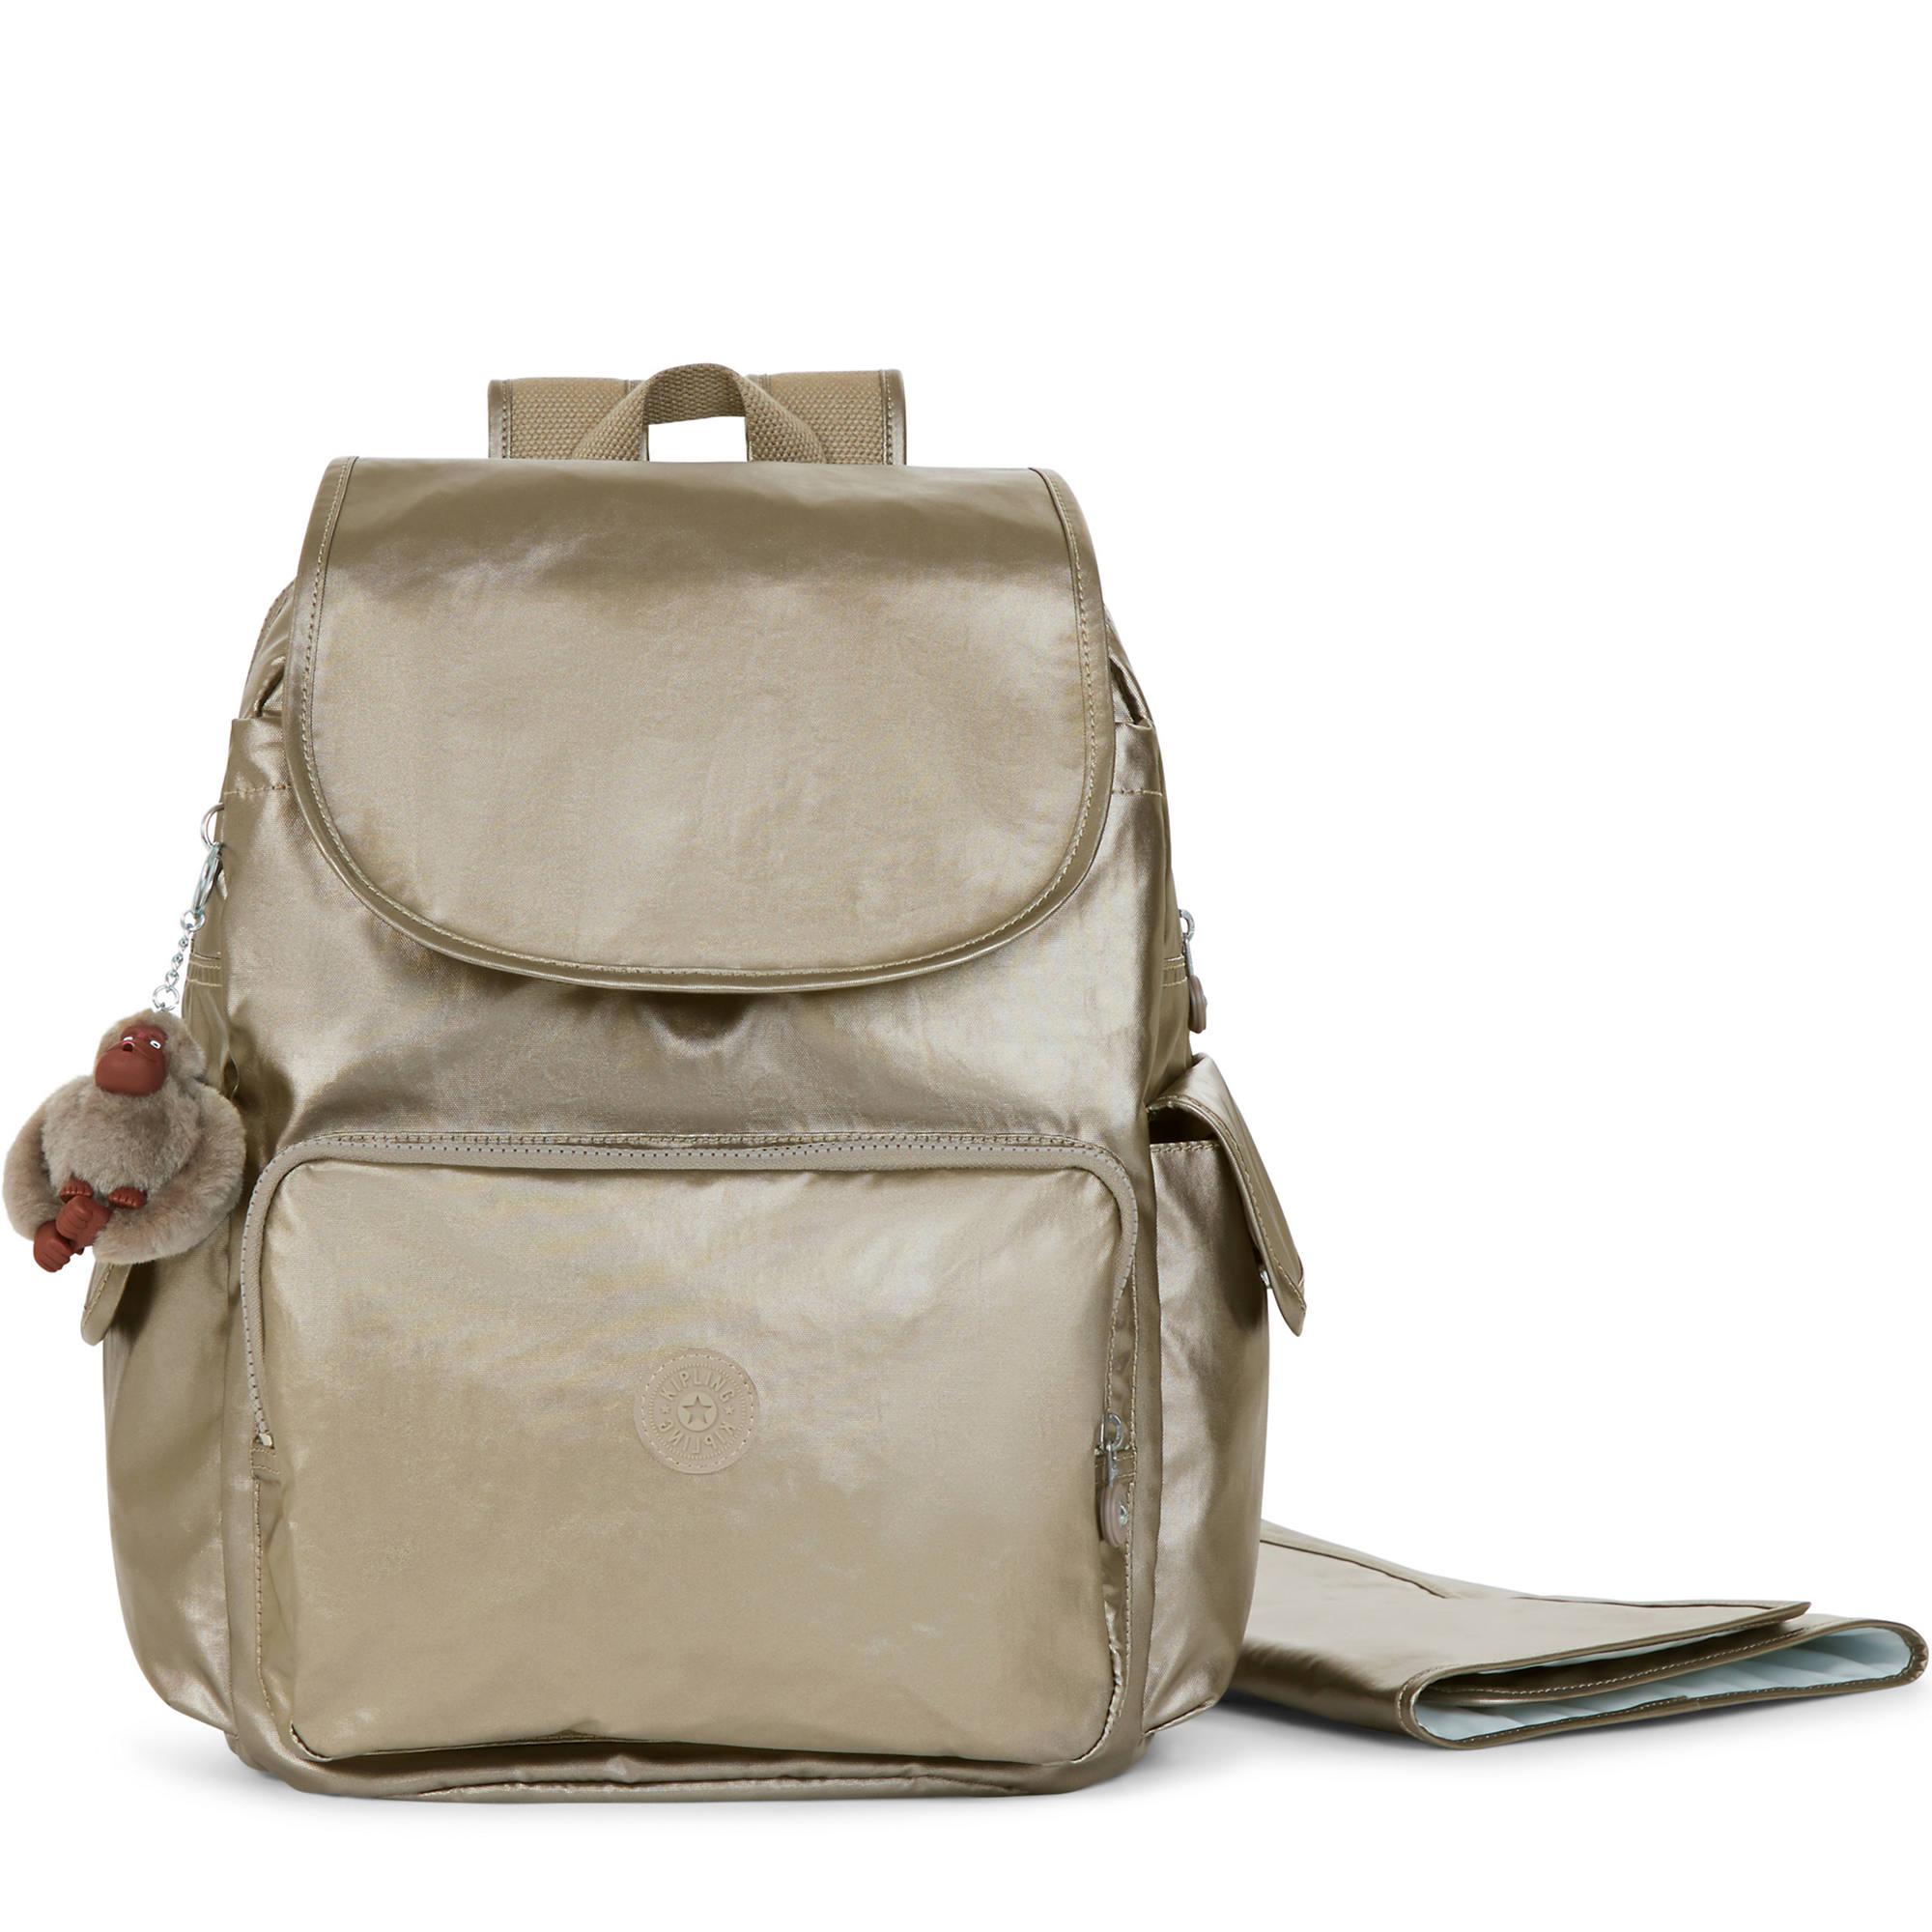 2647b4871 Zax Metallic Backpack Diaper Bag,Metallic Pewter,large